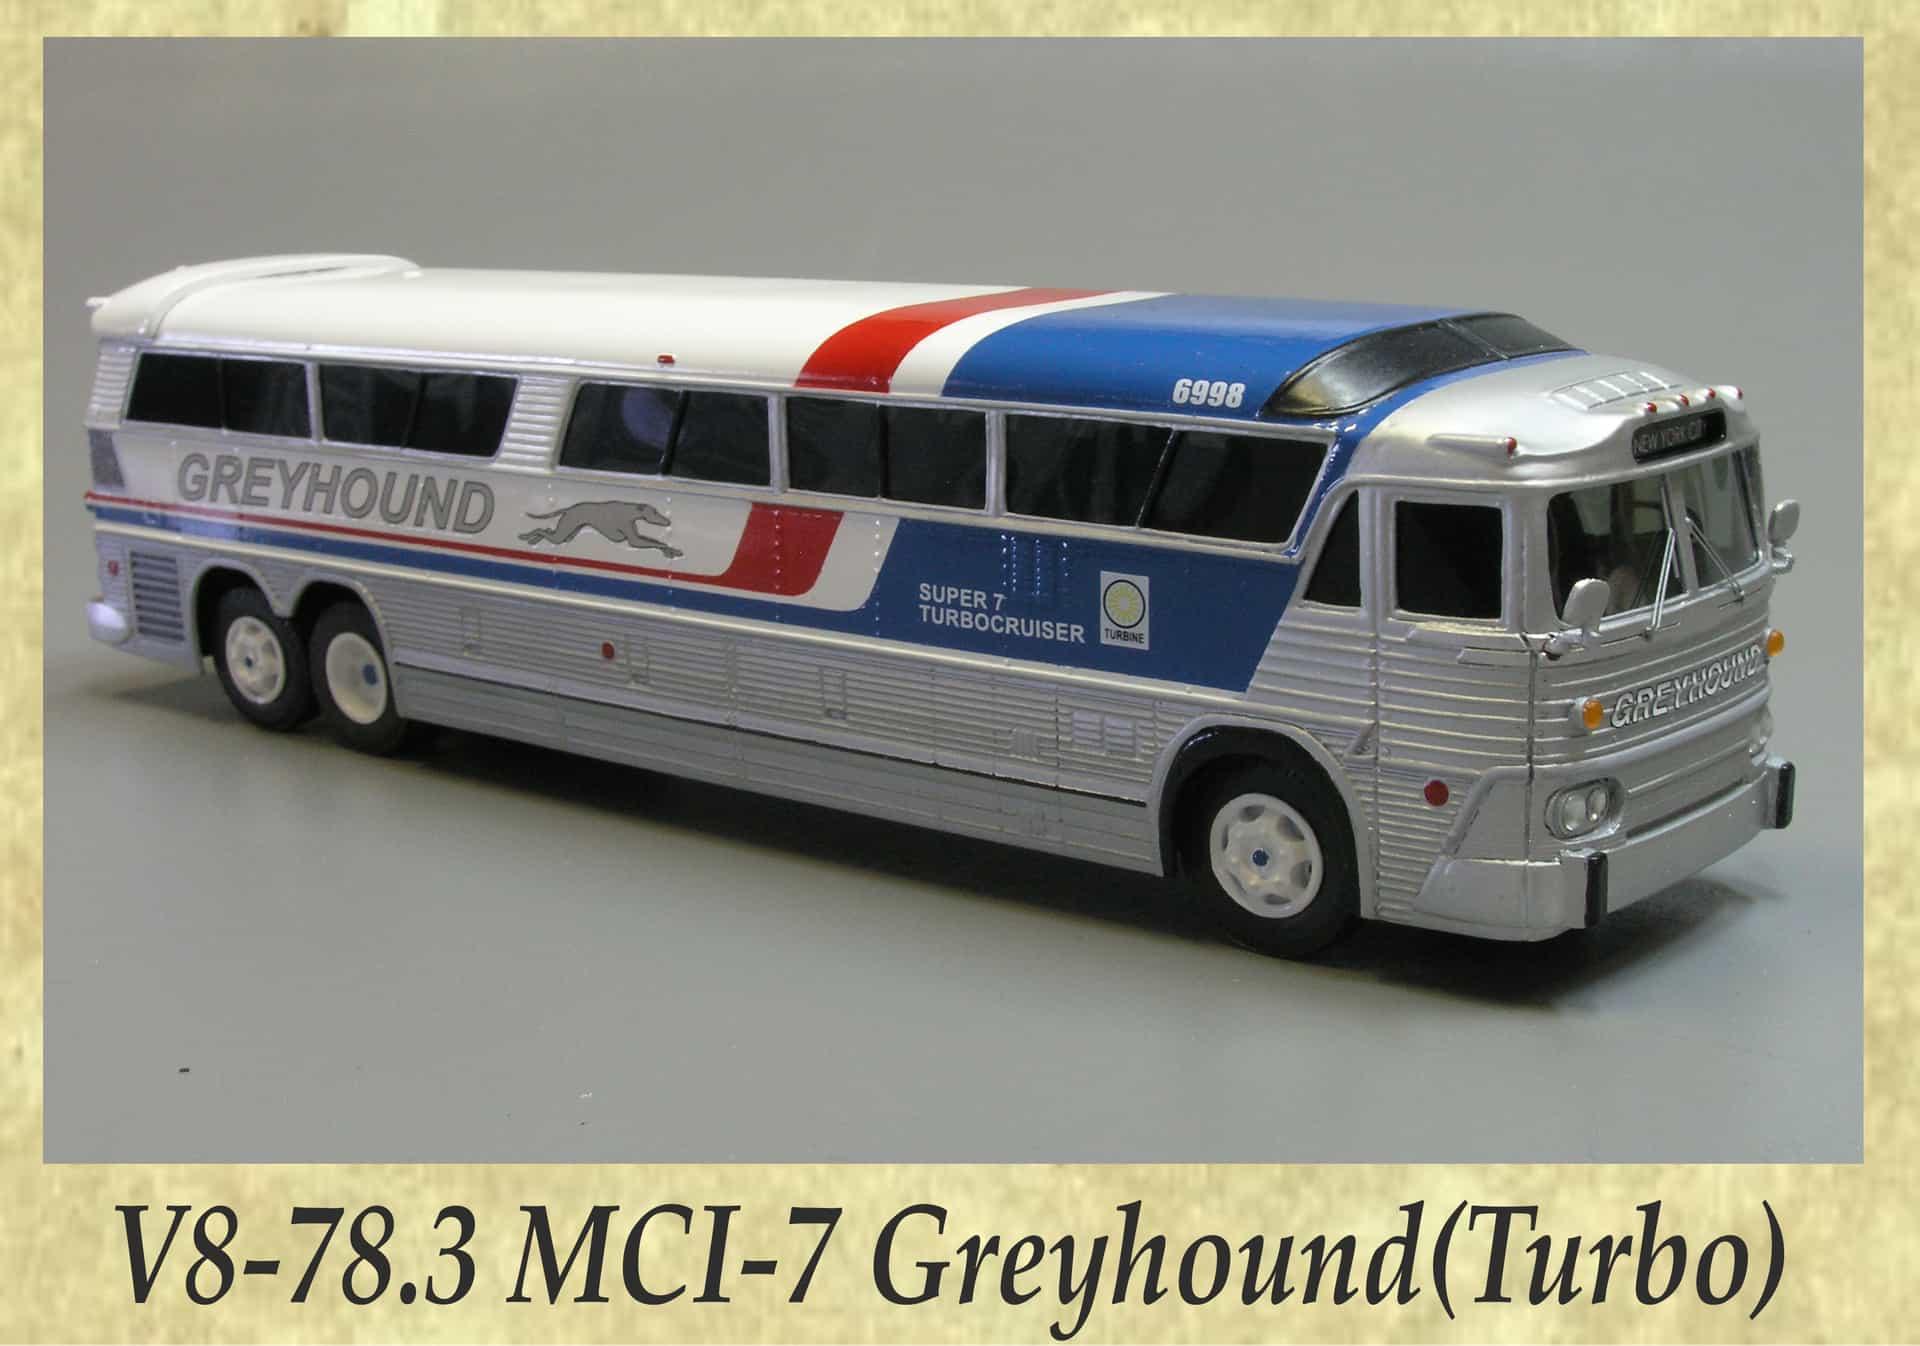 V8-78.3 MCI-7 Greyhound(Turbo)